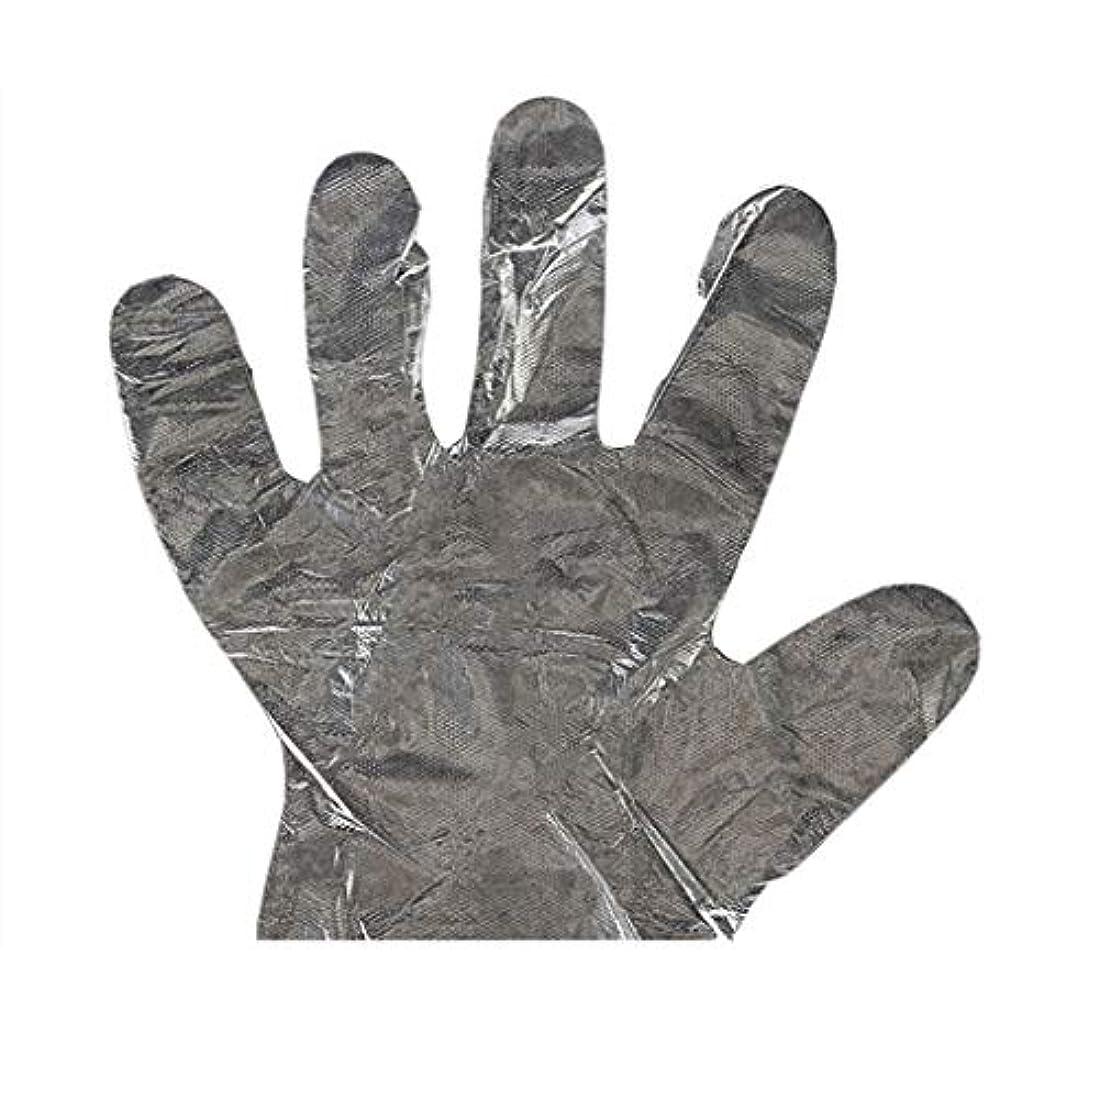 ゲスト好む理想的手袋の使い捨て手袋PEの衛生的な食糧手袋100パッケージ